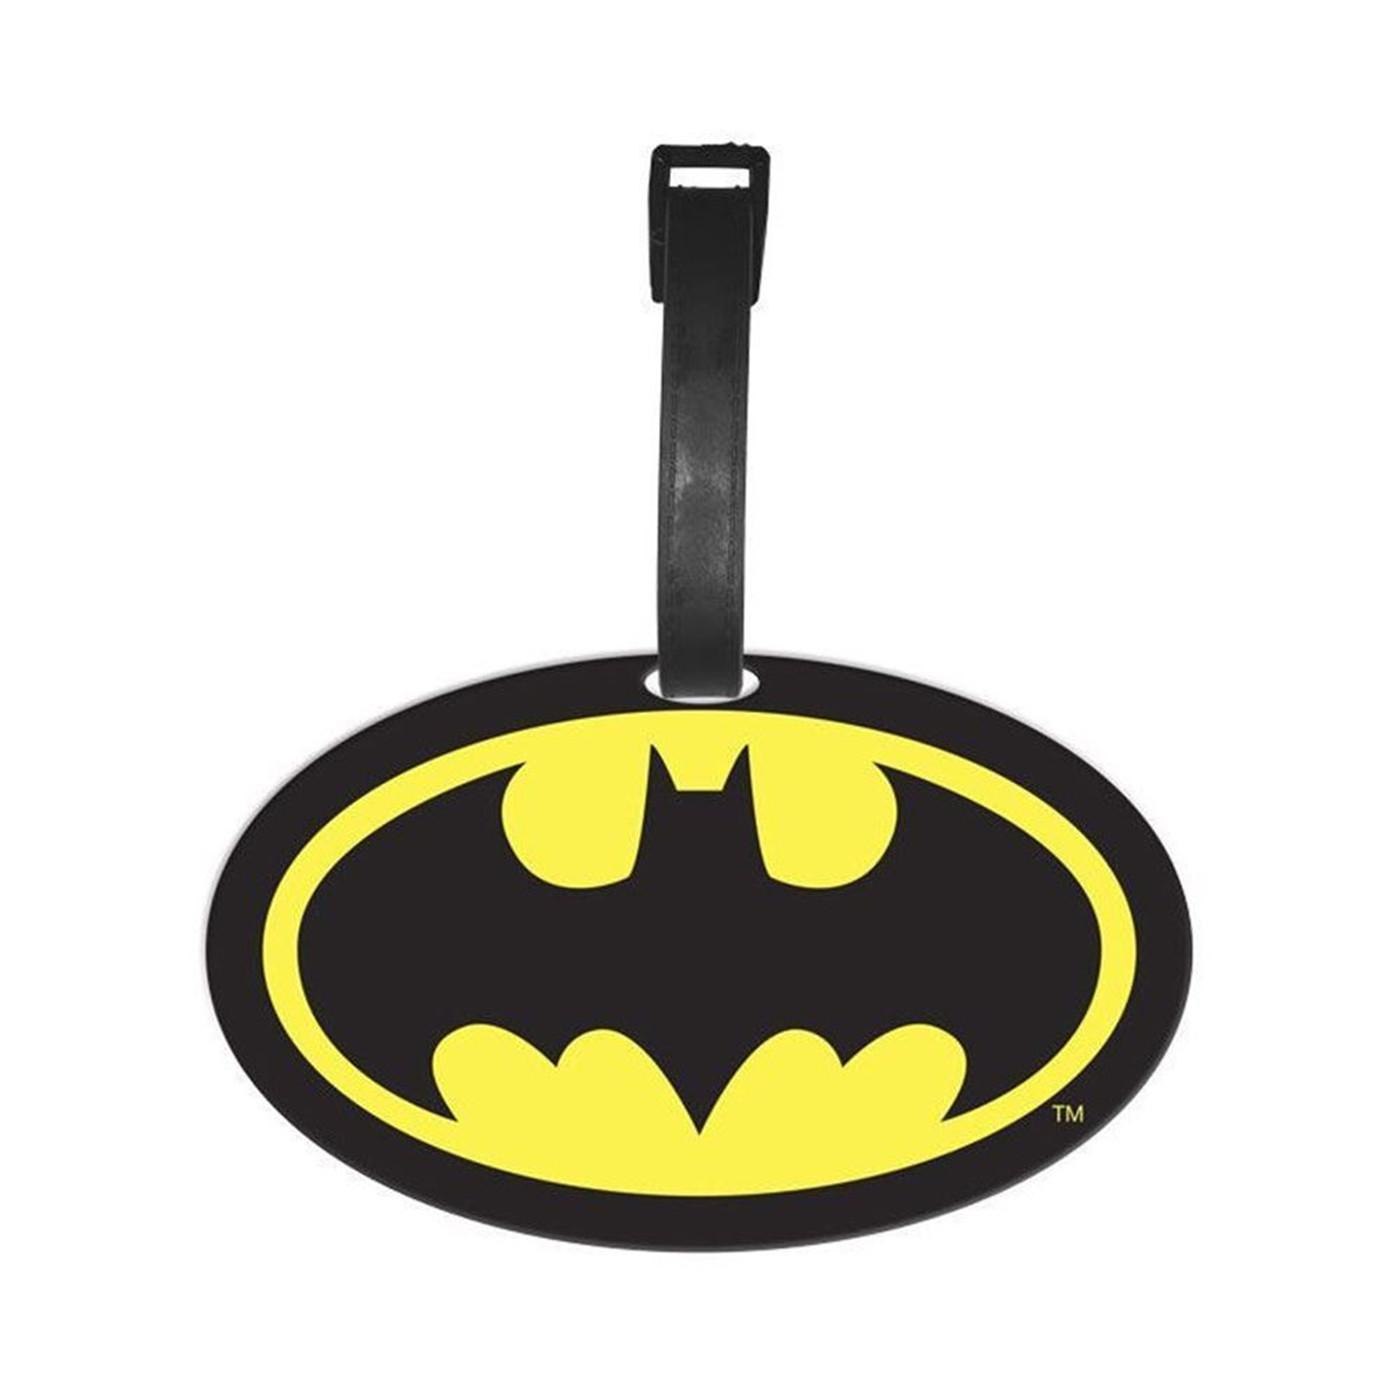 Batman Symbol Luggage Tag